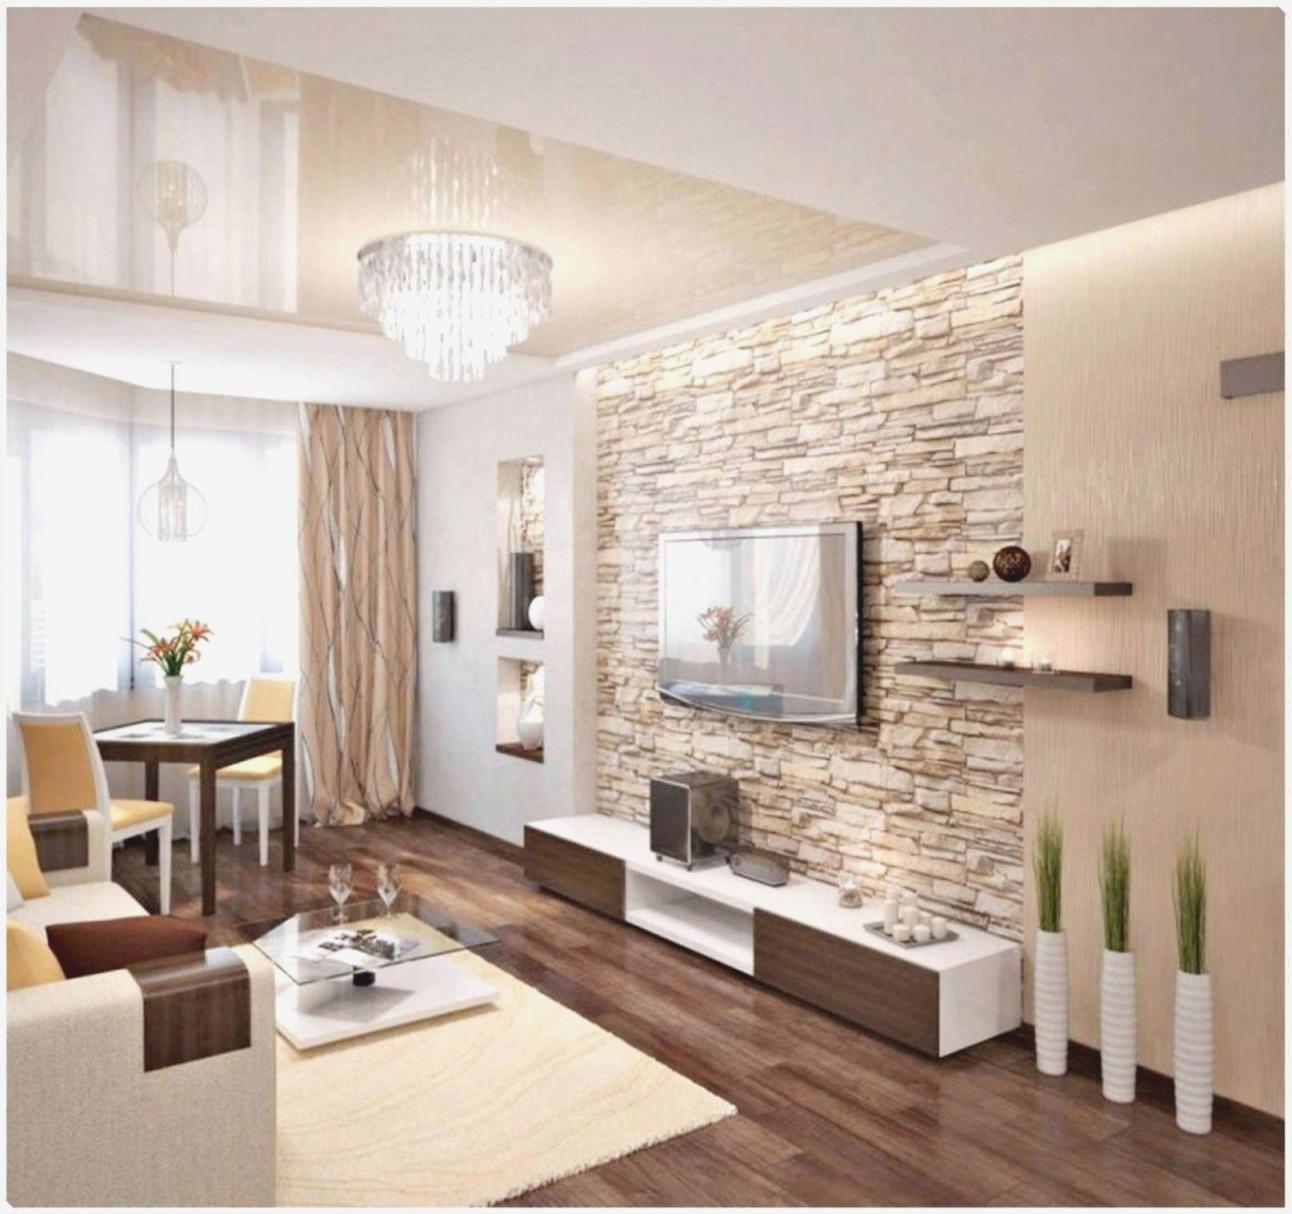 Wohnzimmer Einrichten Ideen Modern  Wohnzimmer  Traumhaus von Wohnzimmer Rechteckig Einrichten Bild